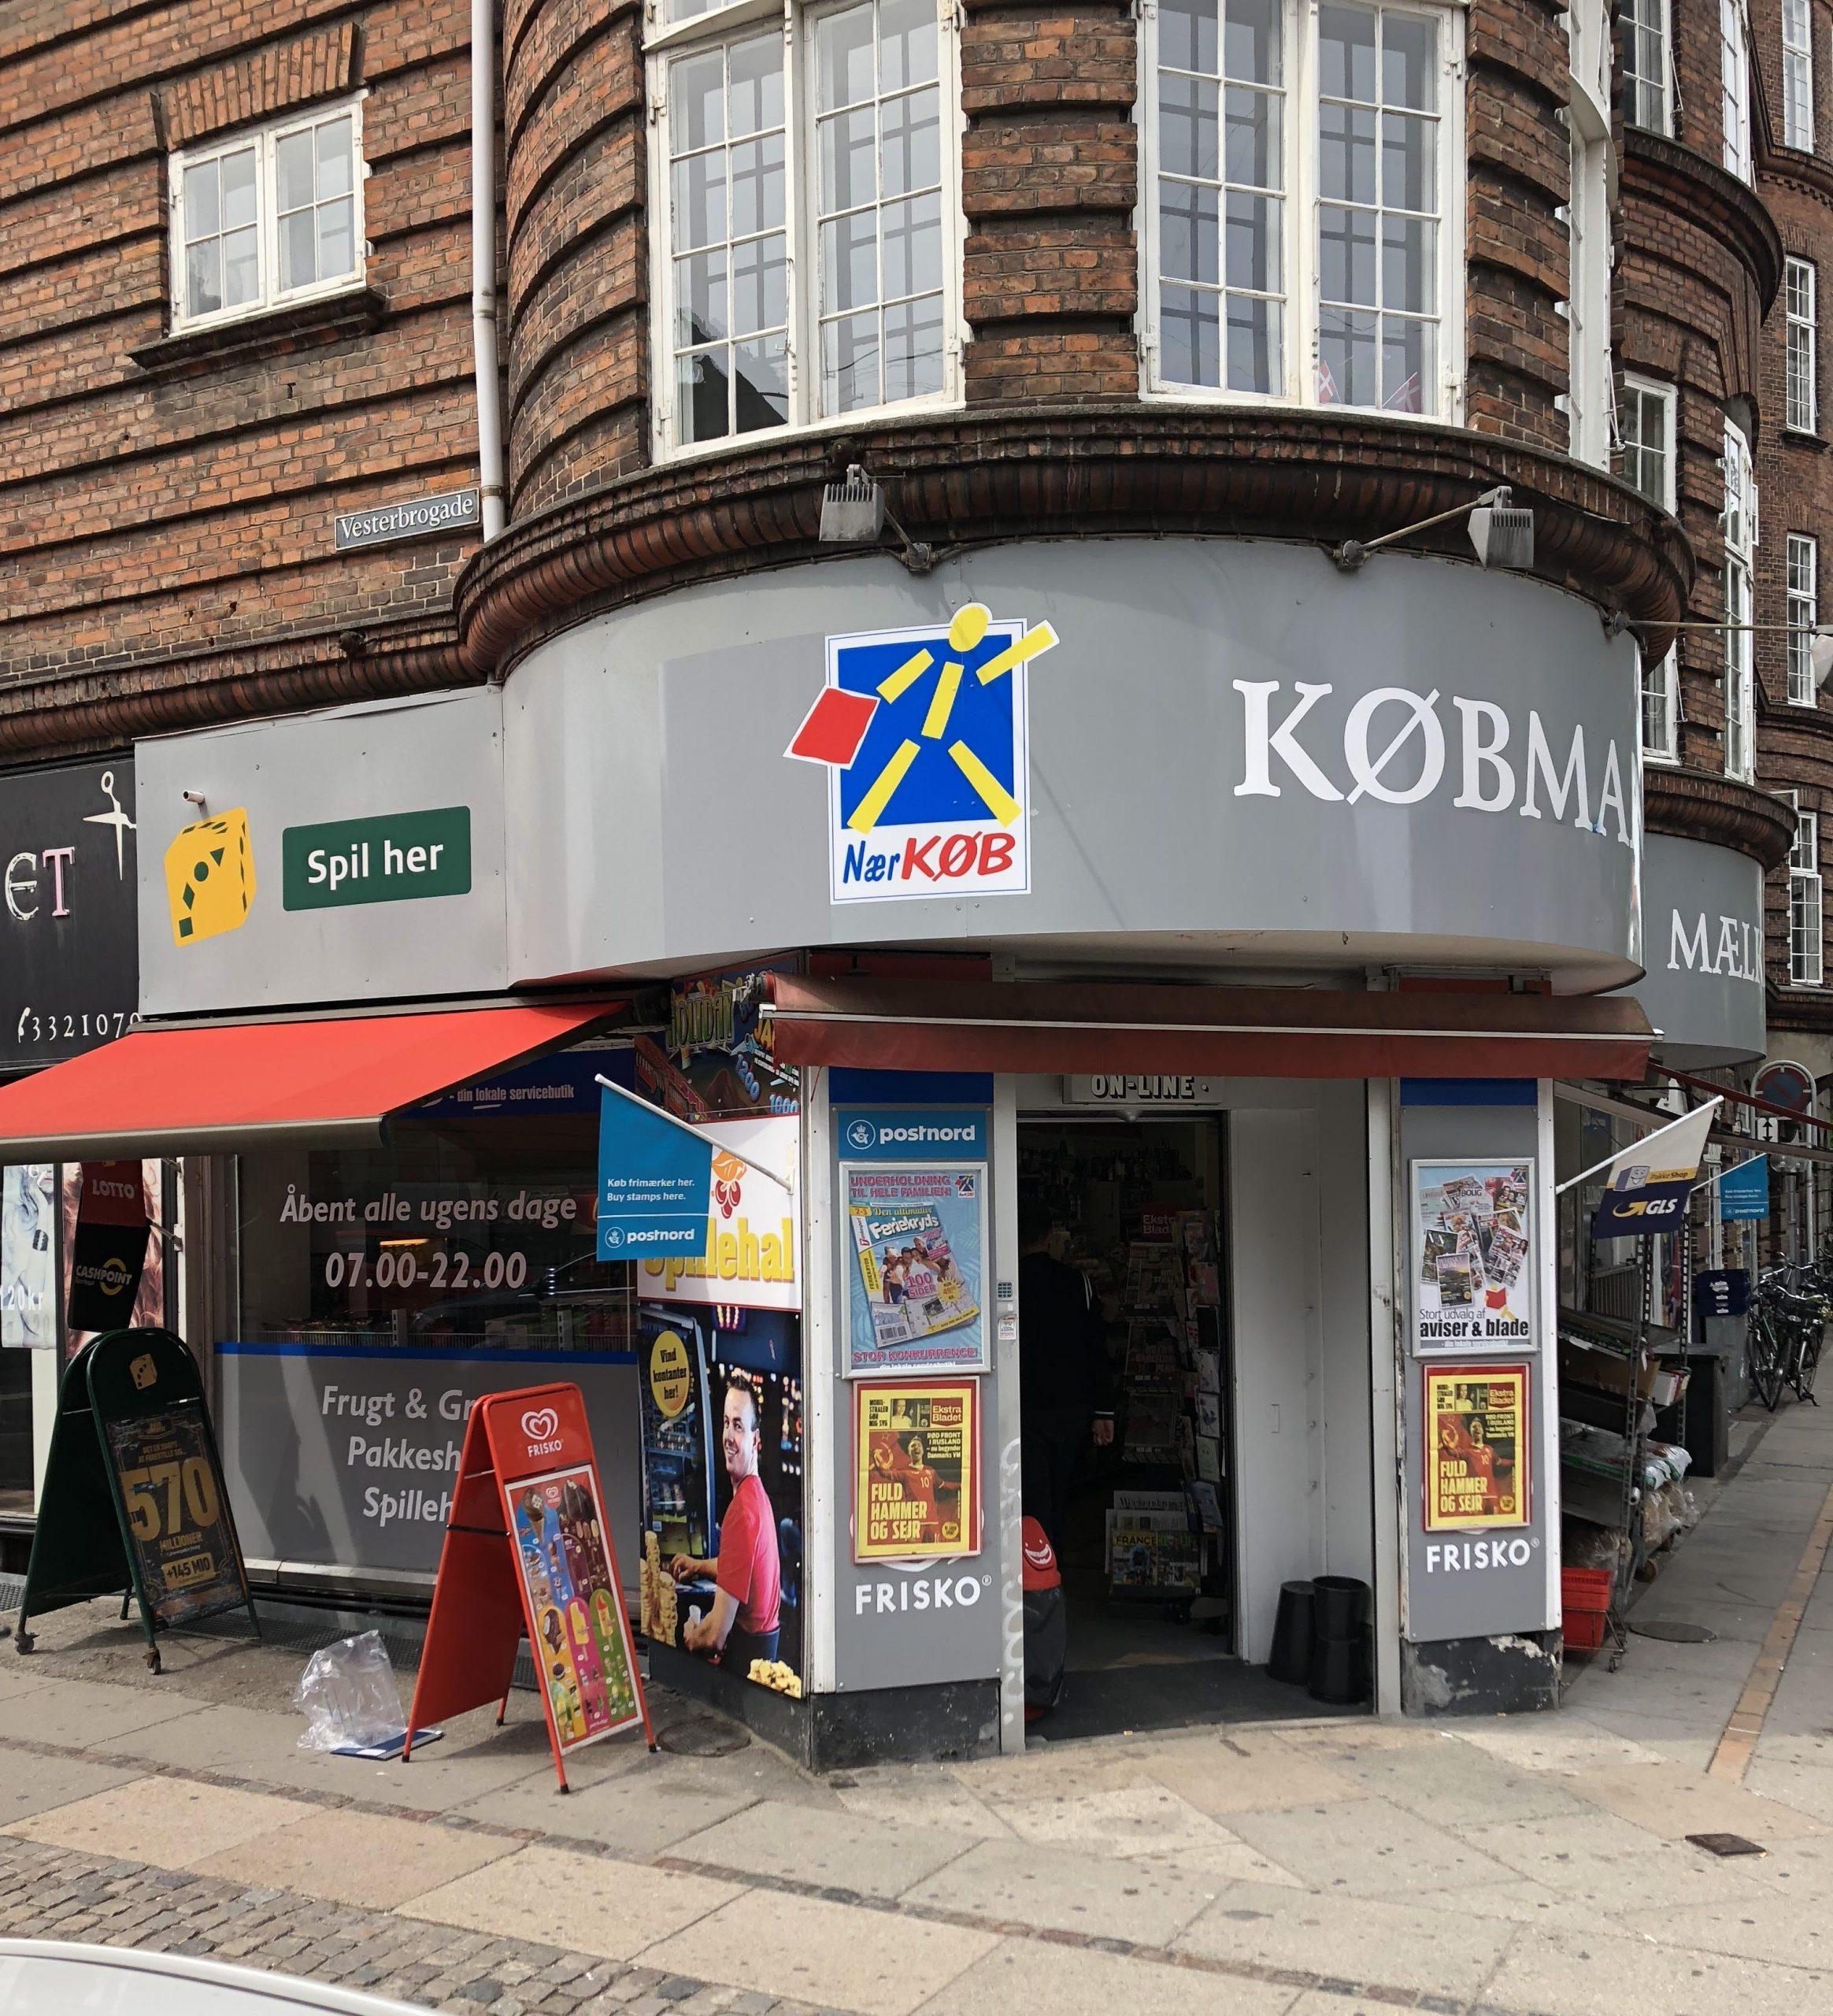 Butikkerne tilpasser sig efter lokalsamfundets behov